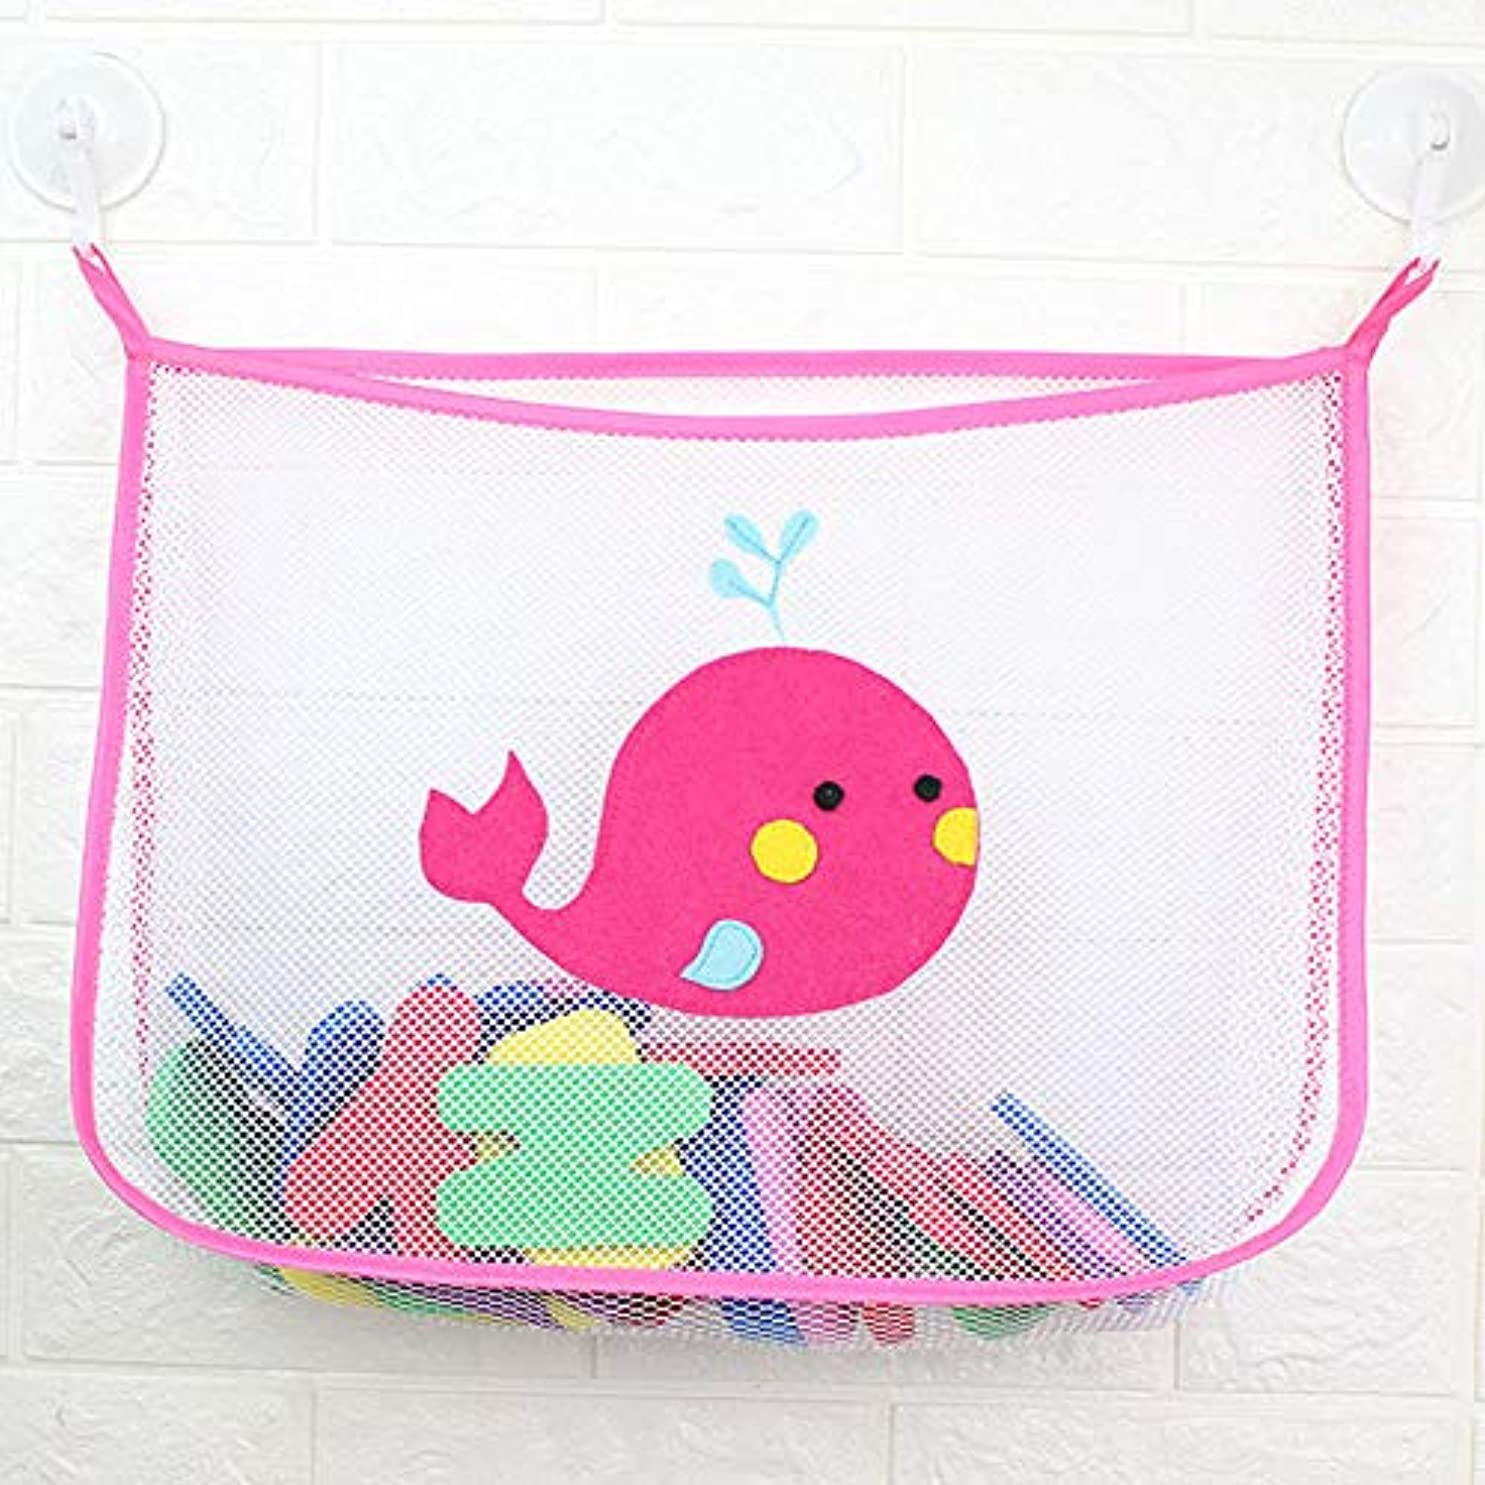 アラブ征服する付けるベビーシャワー風呂のおもちゃ小さなアヒル小さなカエルの赤ちゃん子供のおもちゃ収納メッシュで強い吸盤玩具バッグネット浴室オーガナイザー (ピンク)